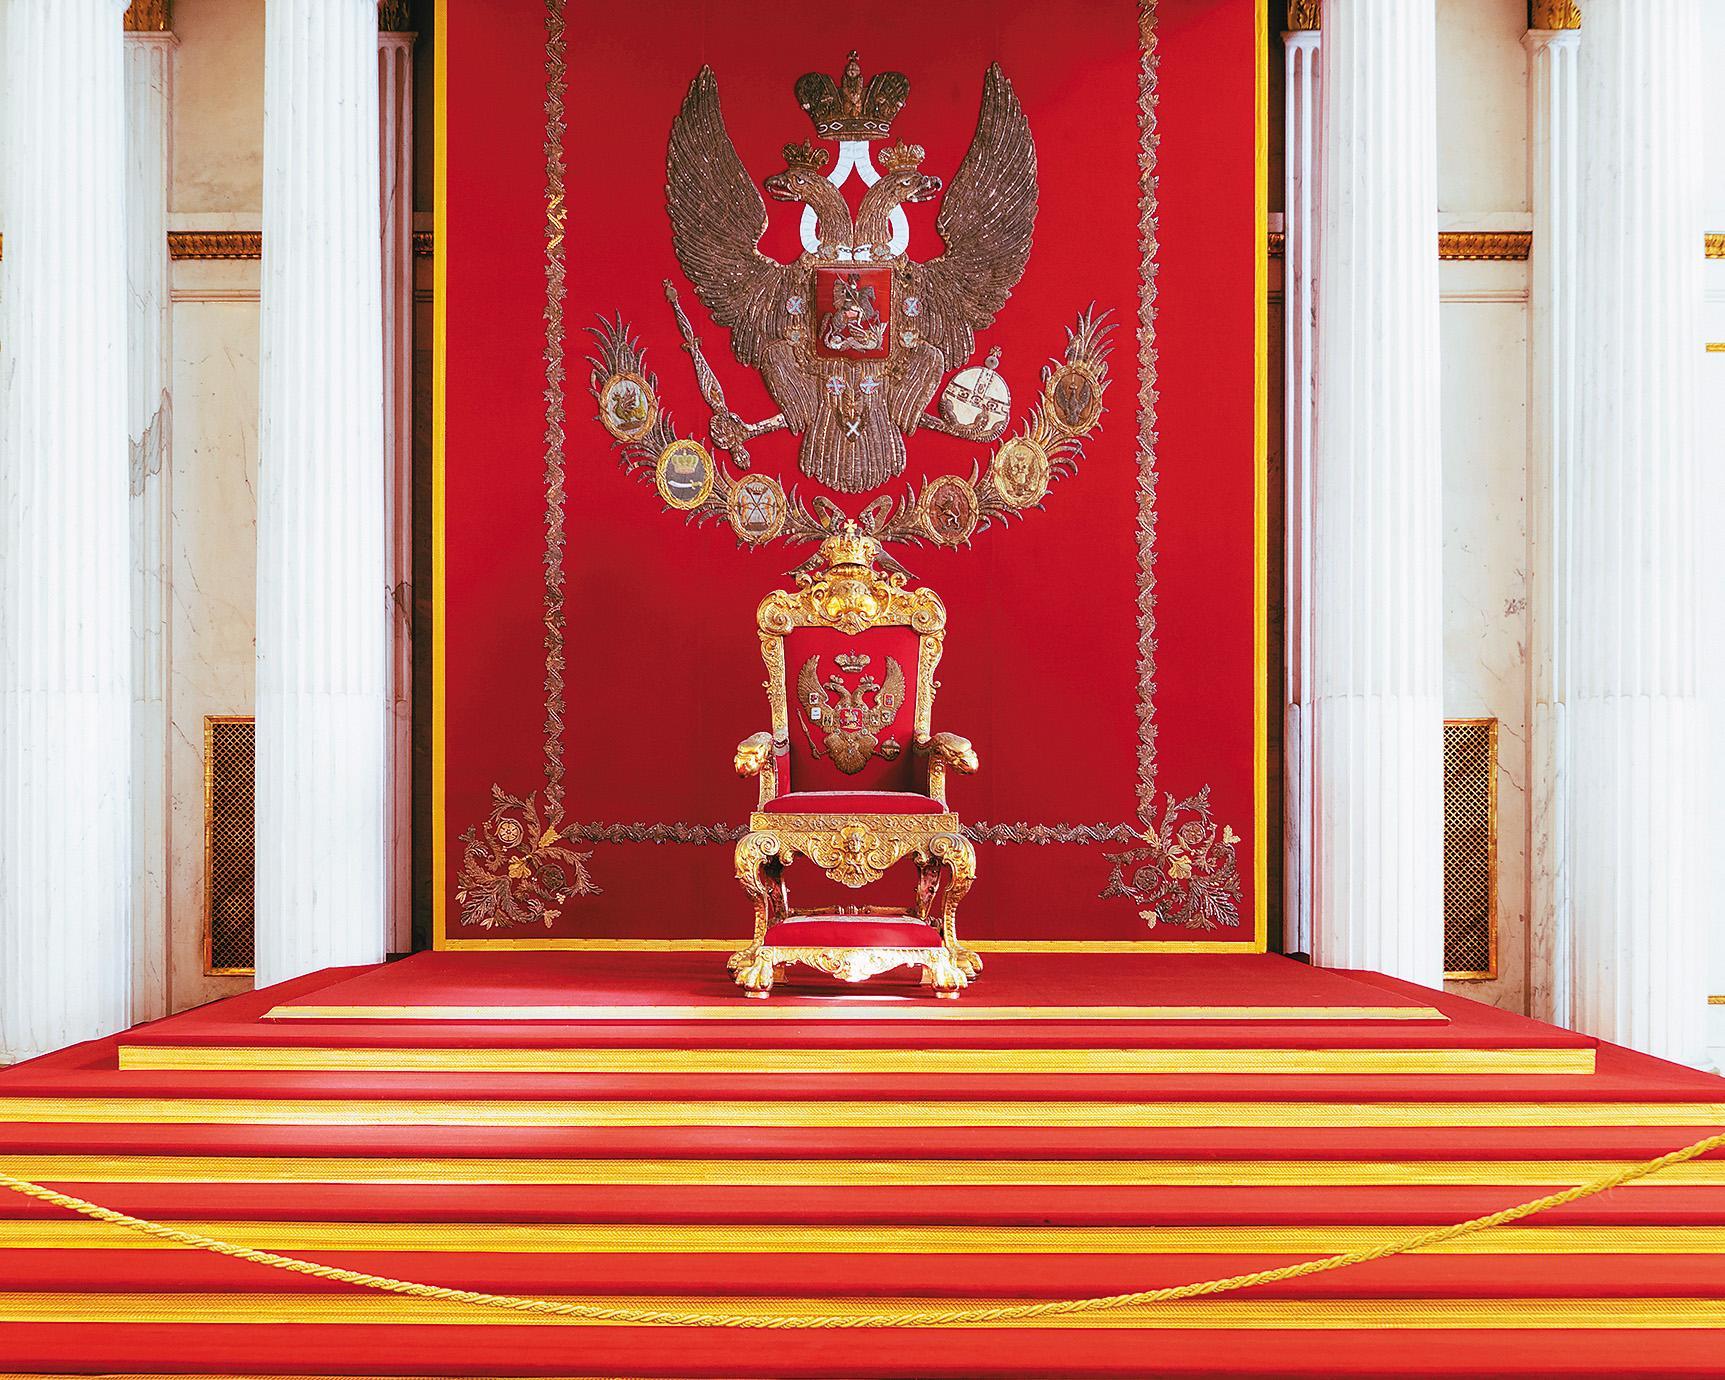 Throne of Nicholas II, in St. Petersburg